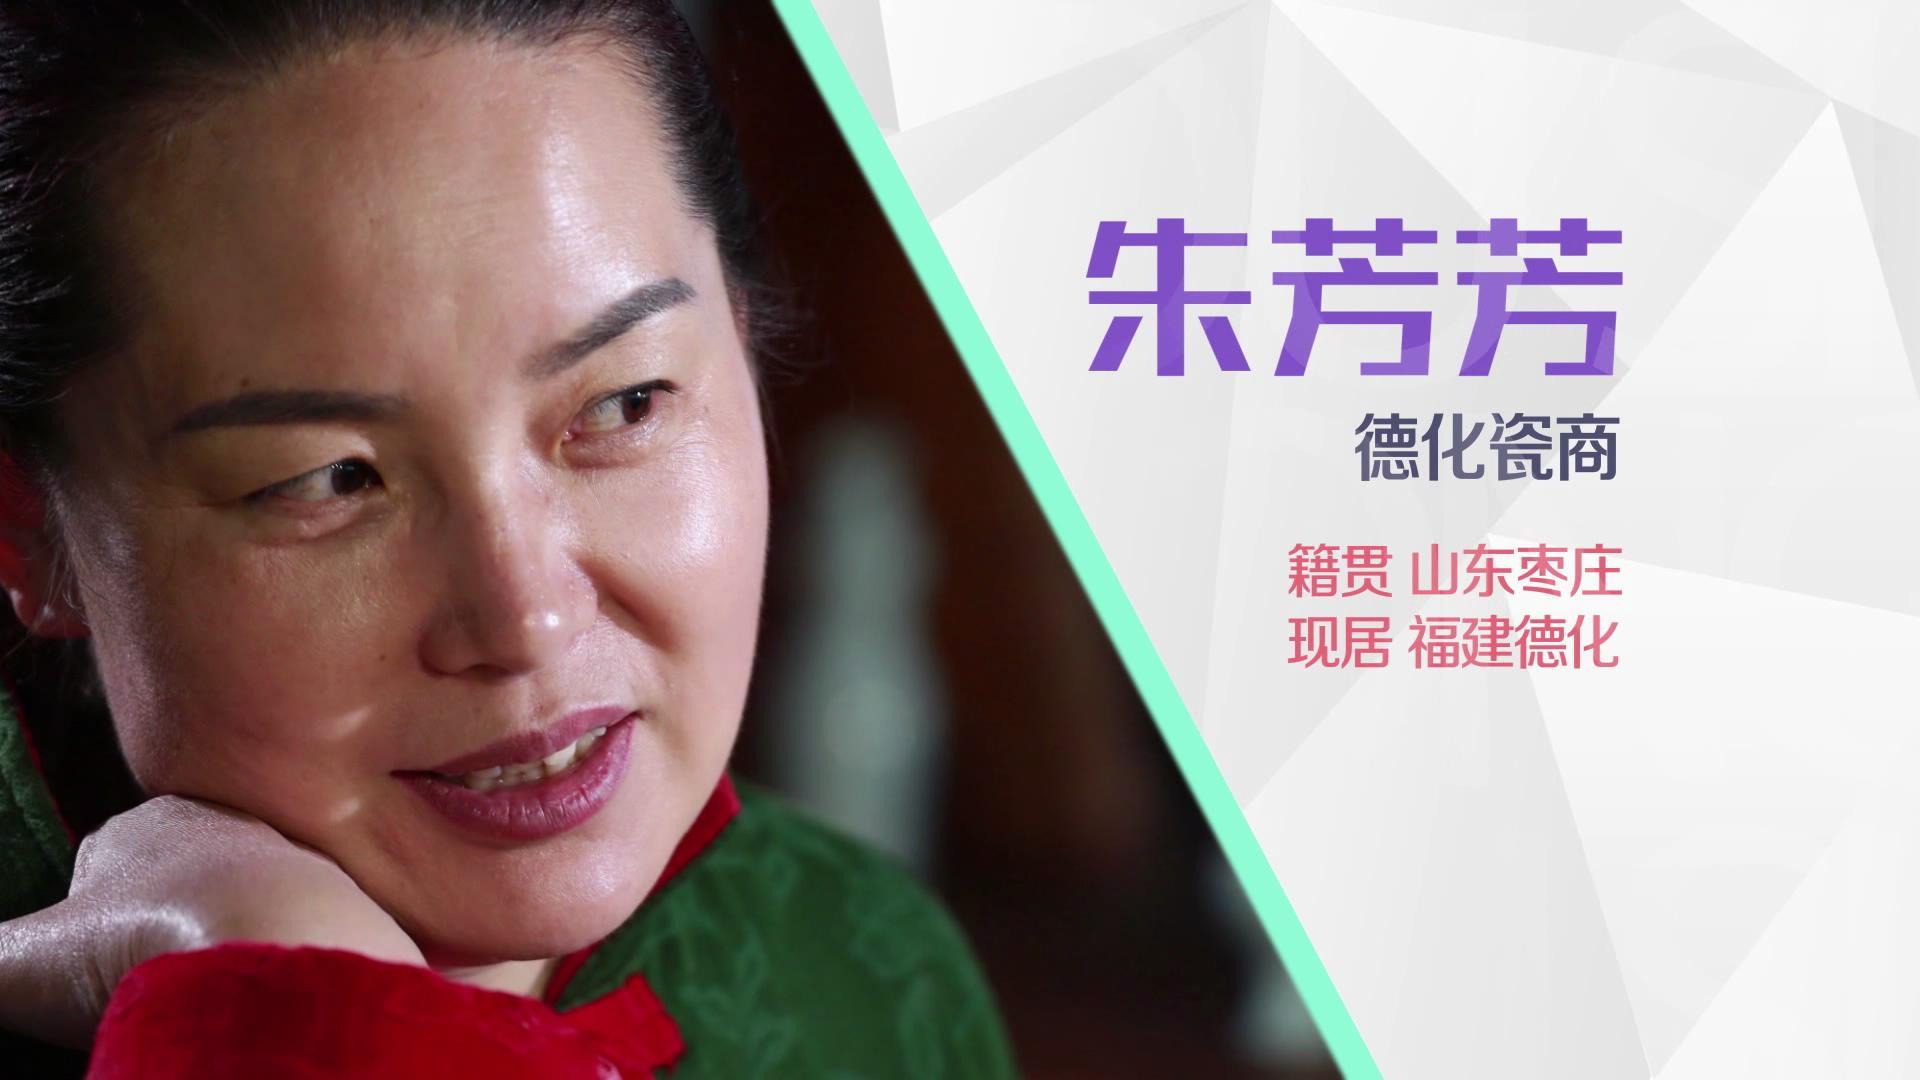 6月4日预告 | 朱芳芳:引领德化白瓷创新潮流的山东才女